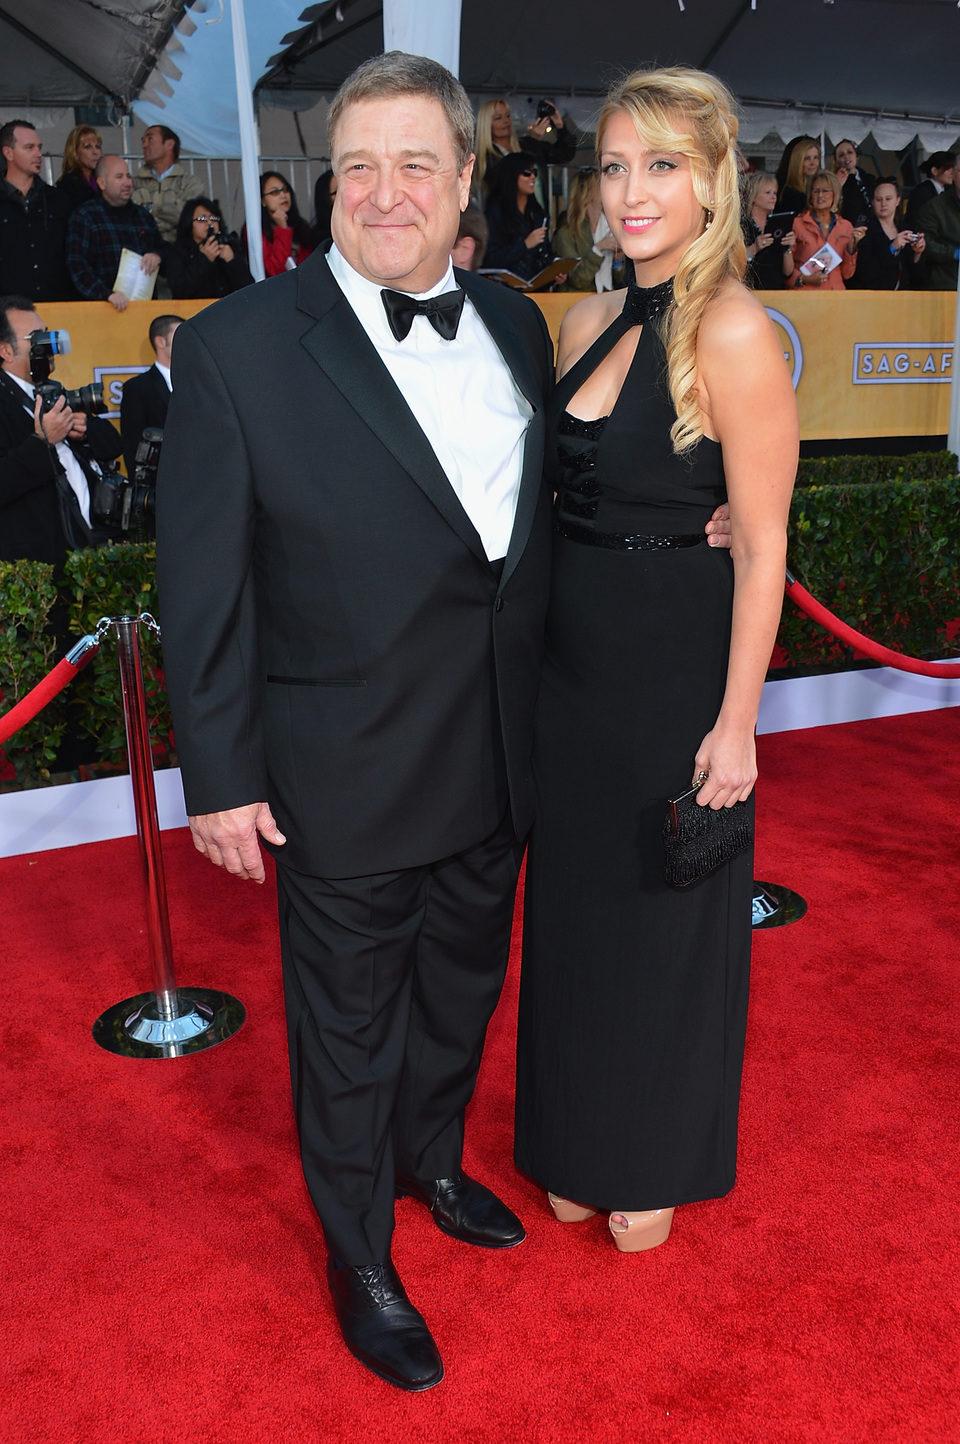 John Goodman en la alfombra roja de los Screen Actors Guild Awards 2013